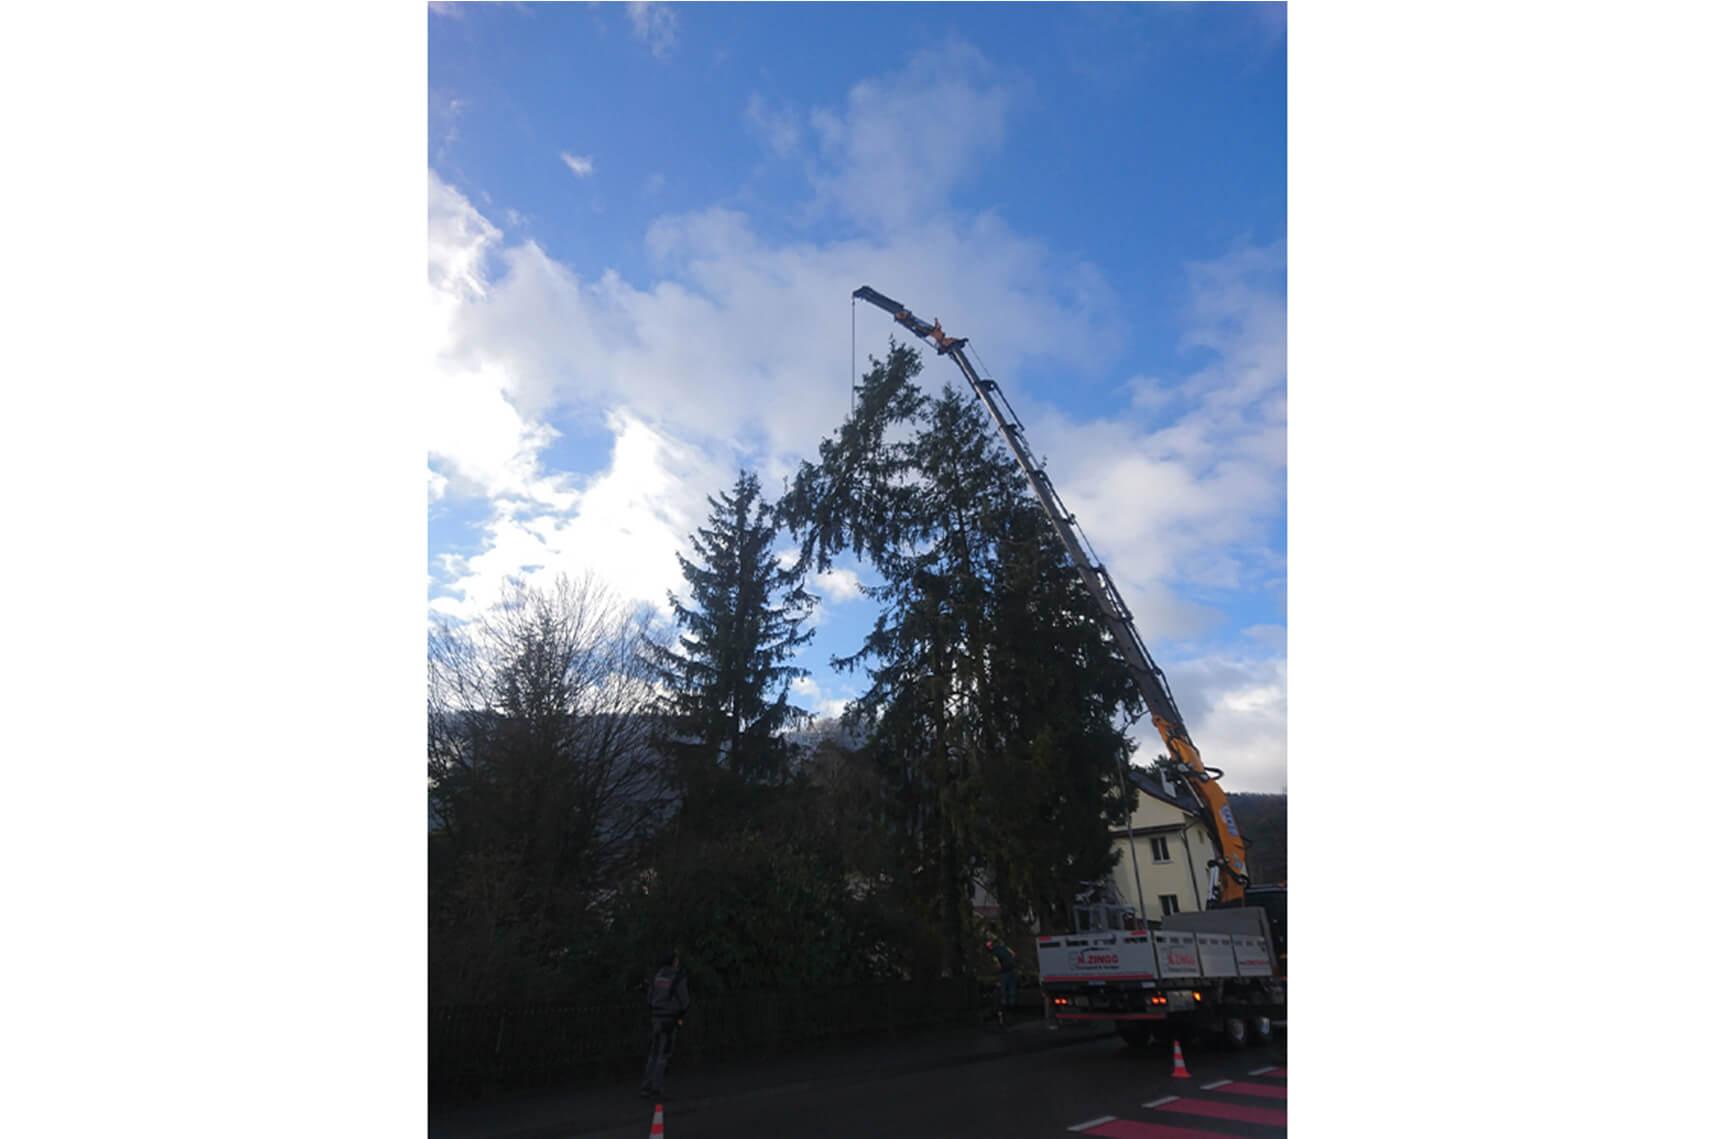 mickael aellig paysagiste moutier abattage arbre elagage abattage (4)